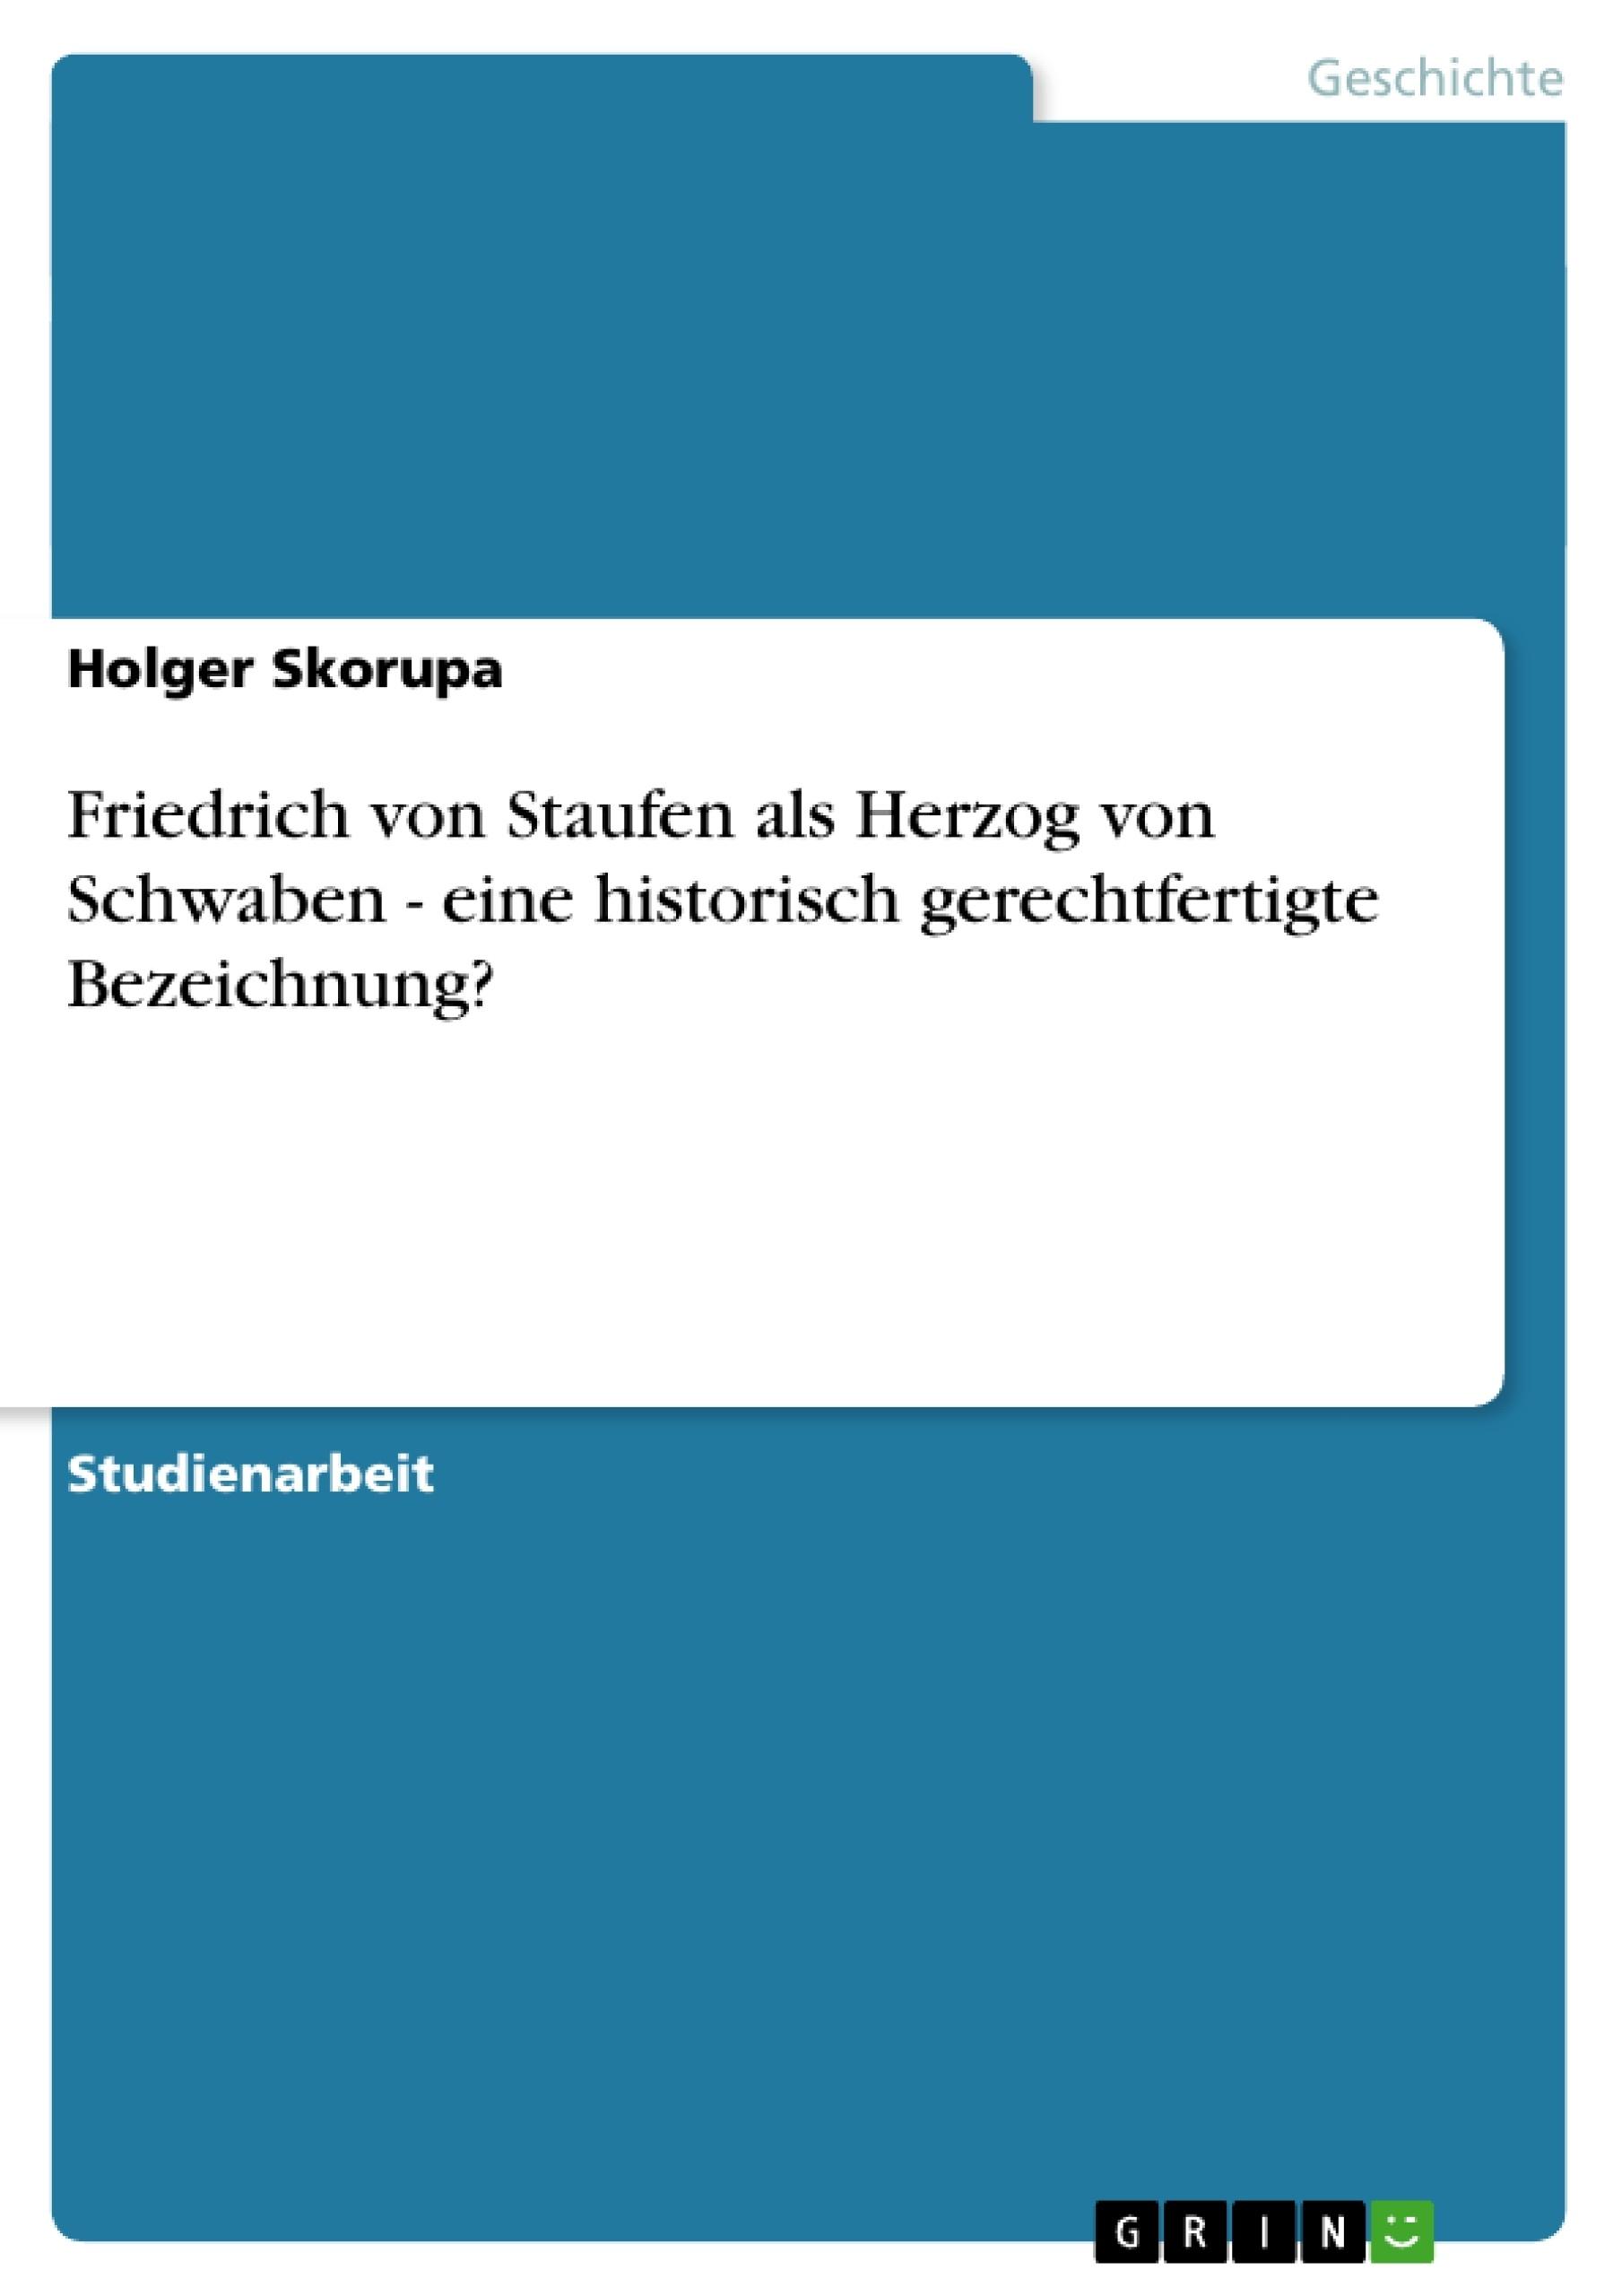 Titel: Friedrich von Staufen als Herzog von Schwaben - eine historisch gerechtfertigte Bezeichnung?